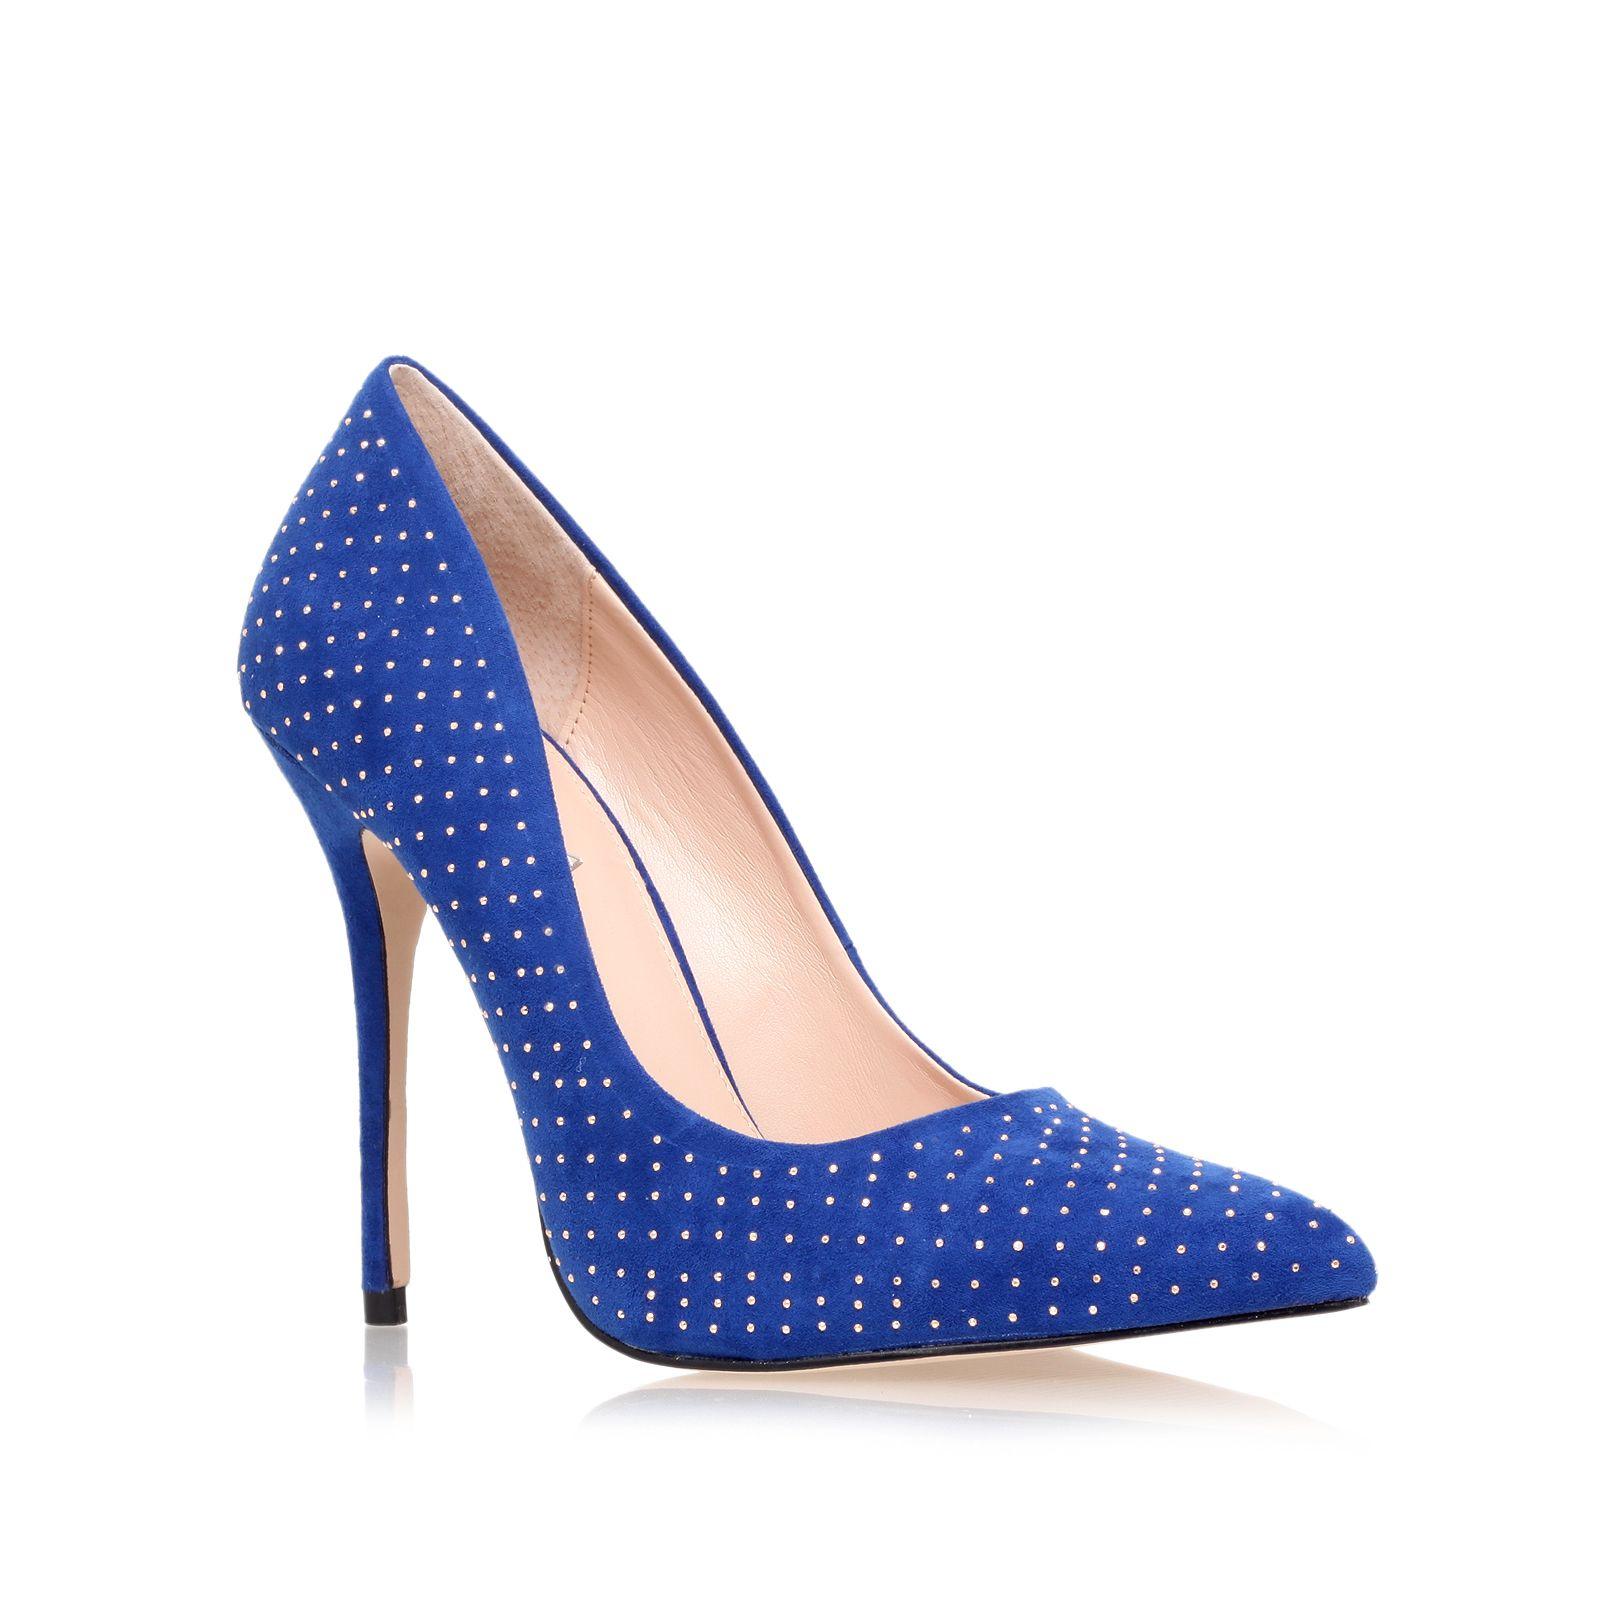 carvela kurt geiger gun high heel court shoes in blue lyst